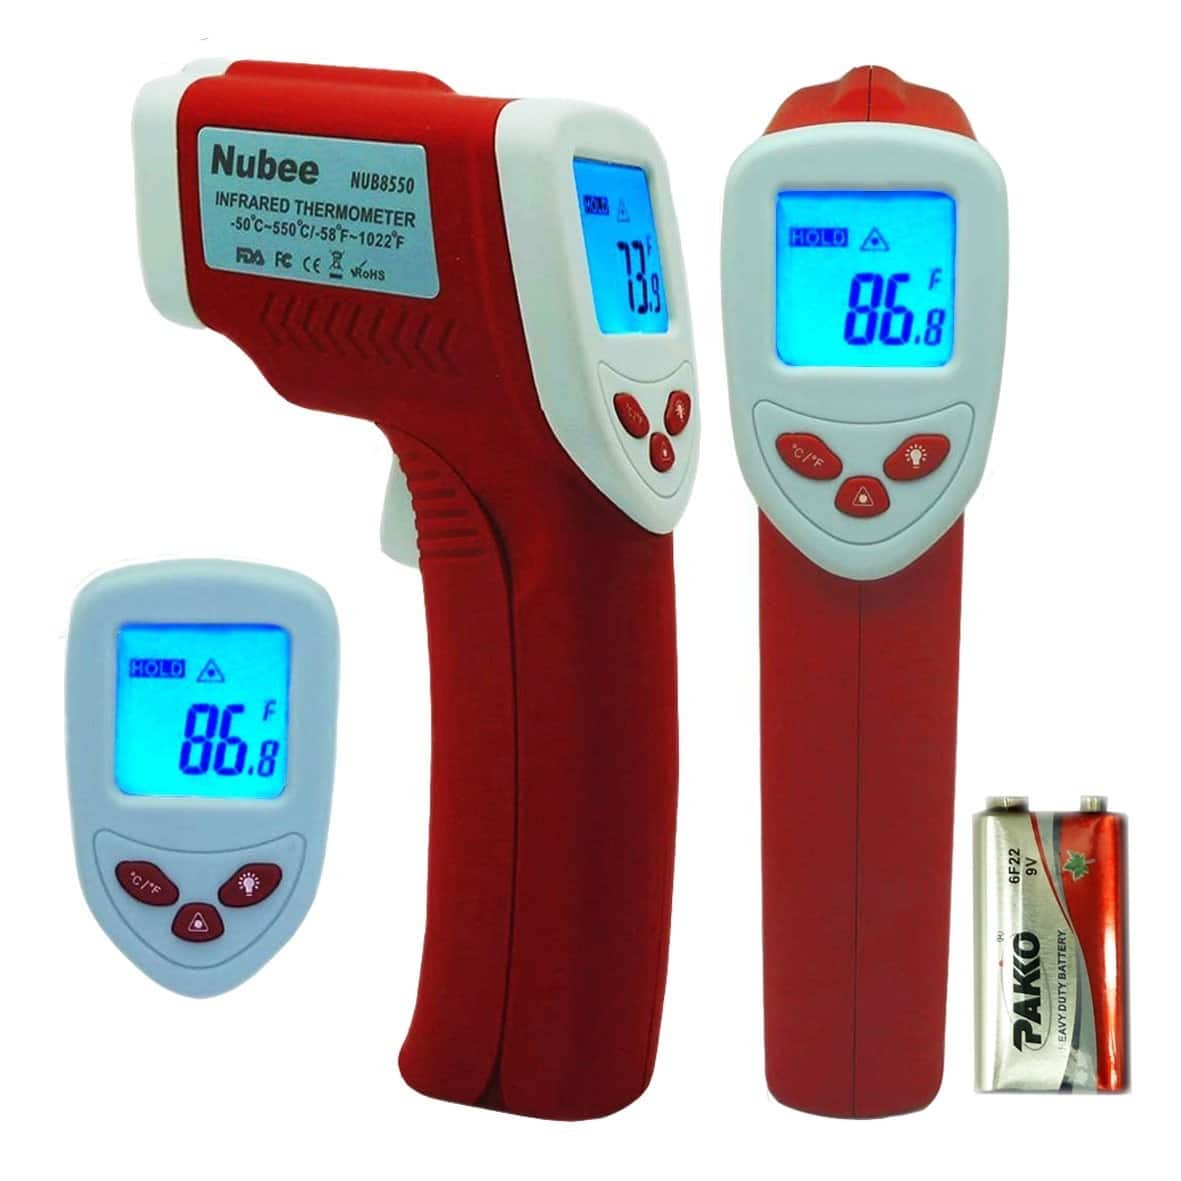 Nubee Non-Contact Infrared Thermometer Digital Temperature Gun w/ Laser Sight (NUB-8550) for $10.45 + FSSS or FS w/ Prime @ Amazon.com